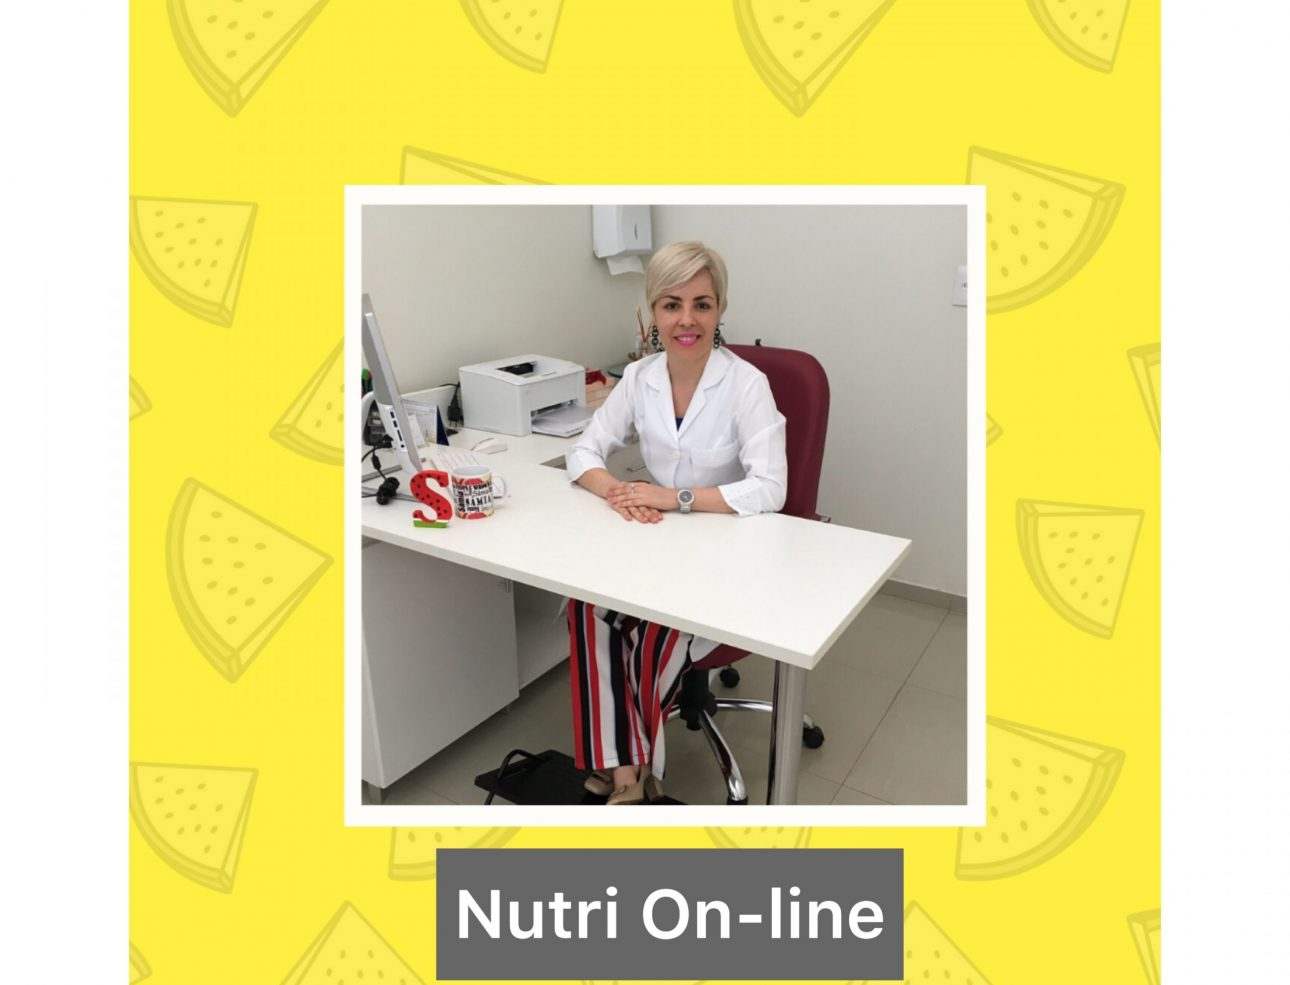 Nutri on line